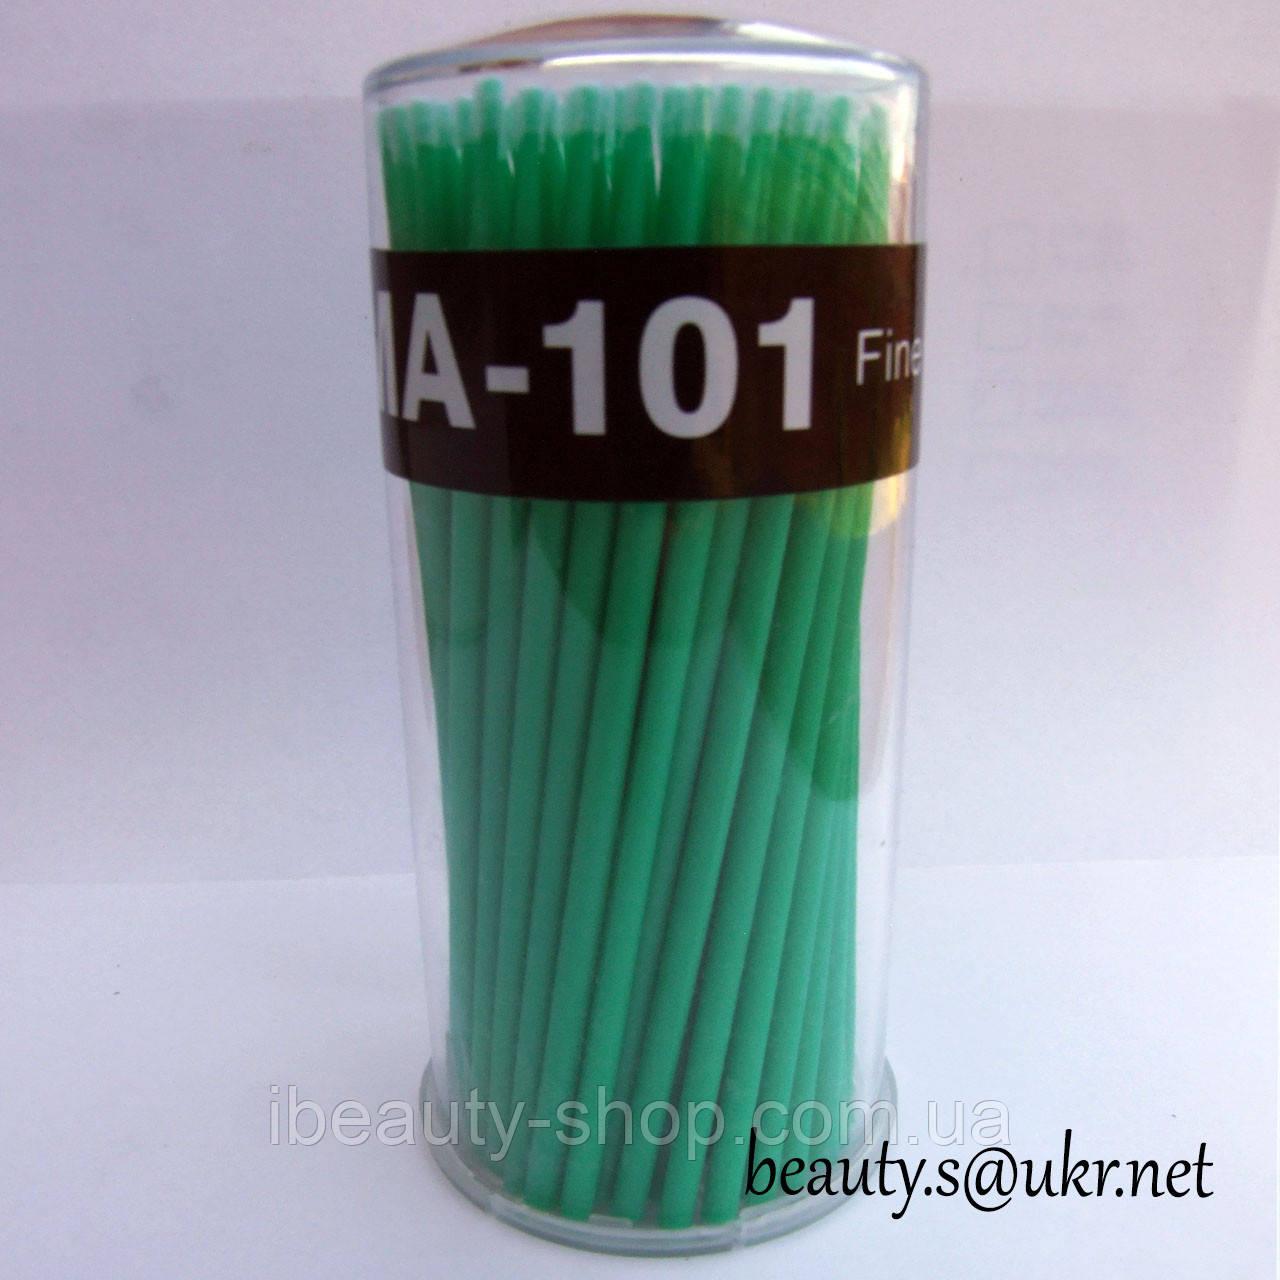 Микробраши, зелені,100 шт, 2,0 мм, колба.